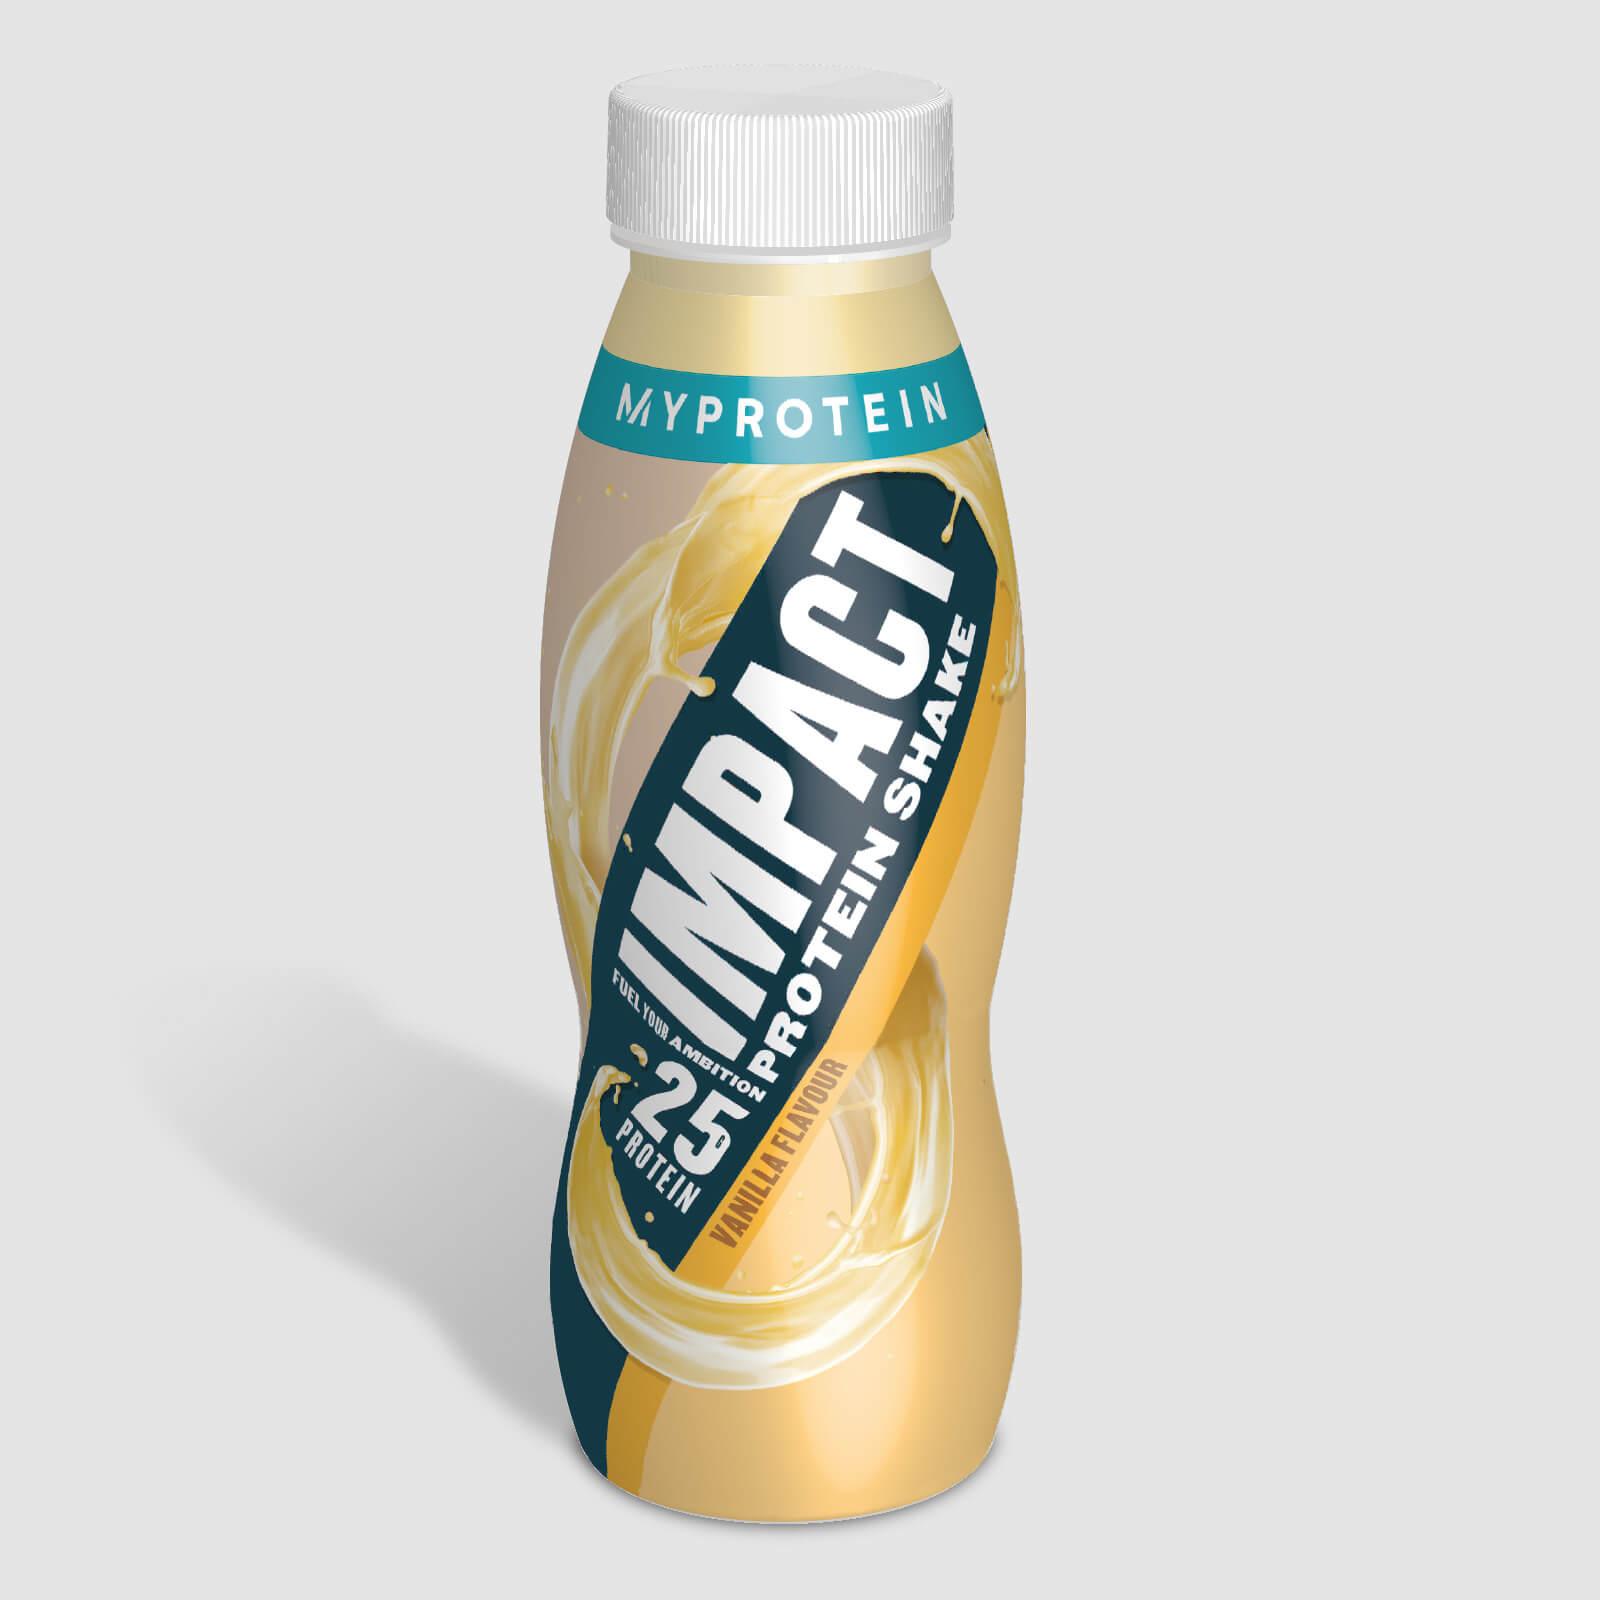 Купить Протеиновый коктейль Impact (пробник) - 330ml - Ваниль, Myprotein International